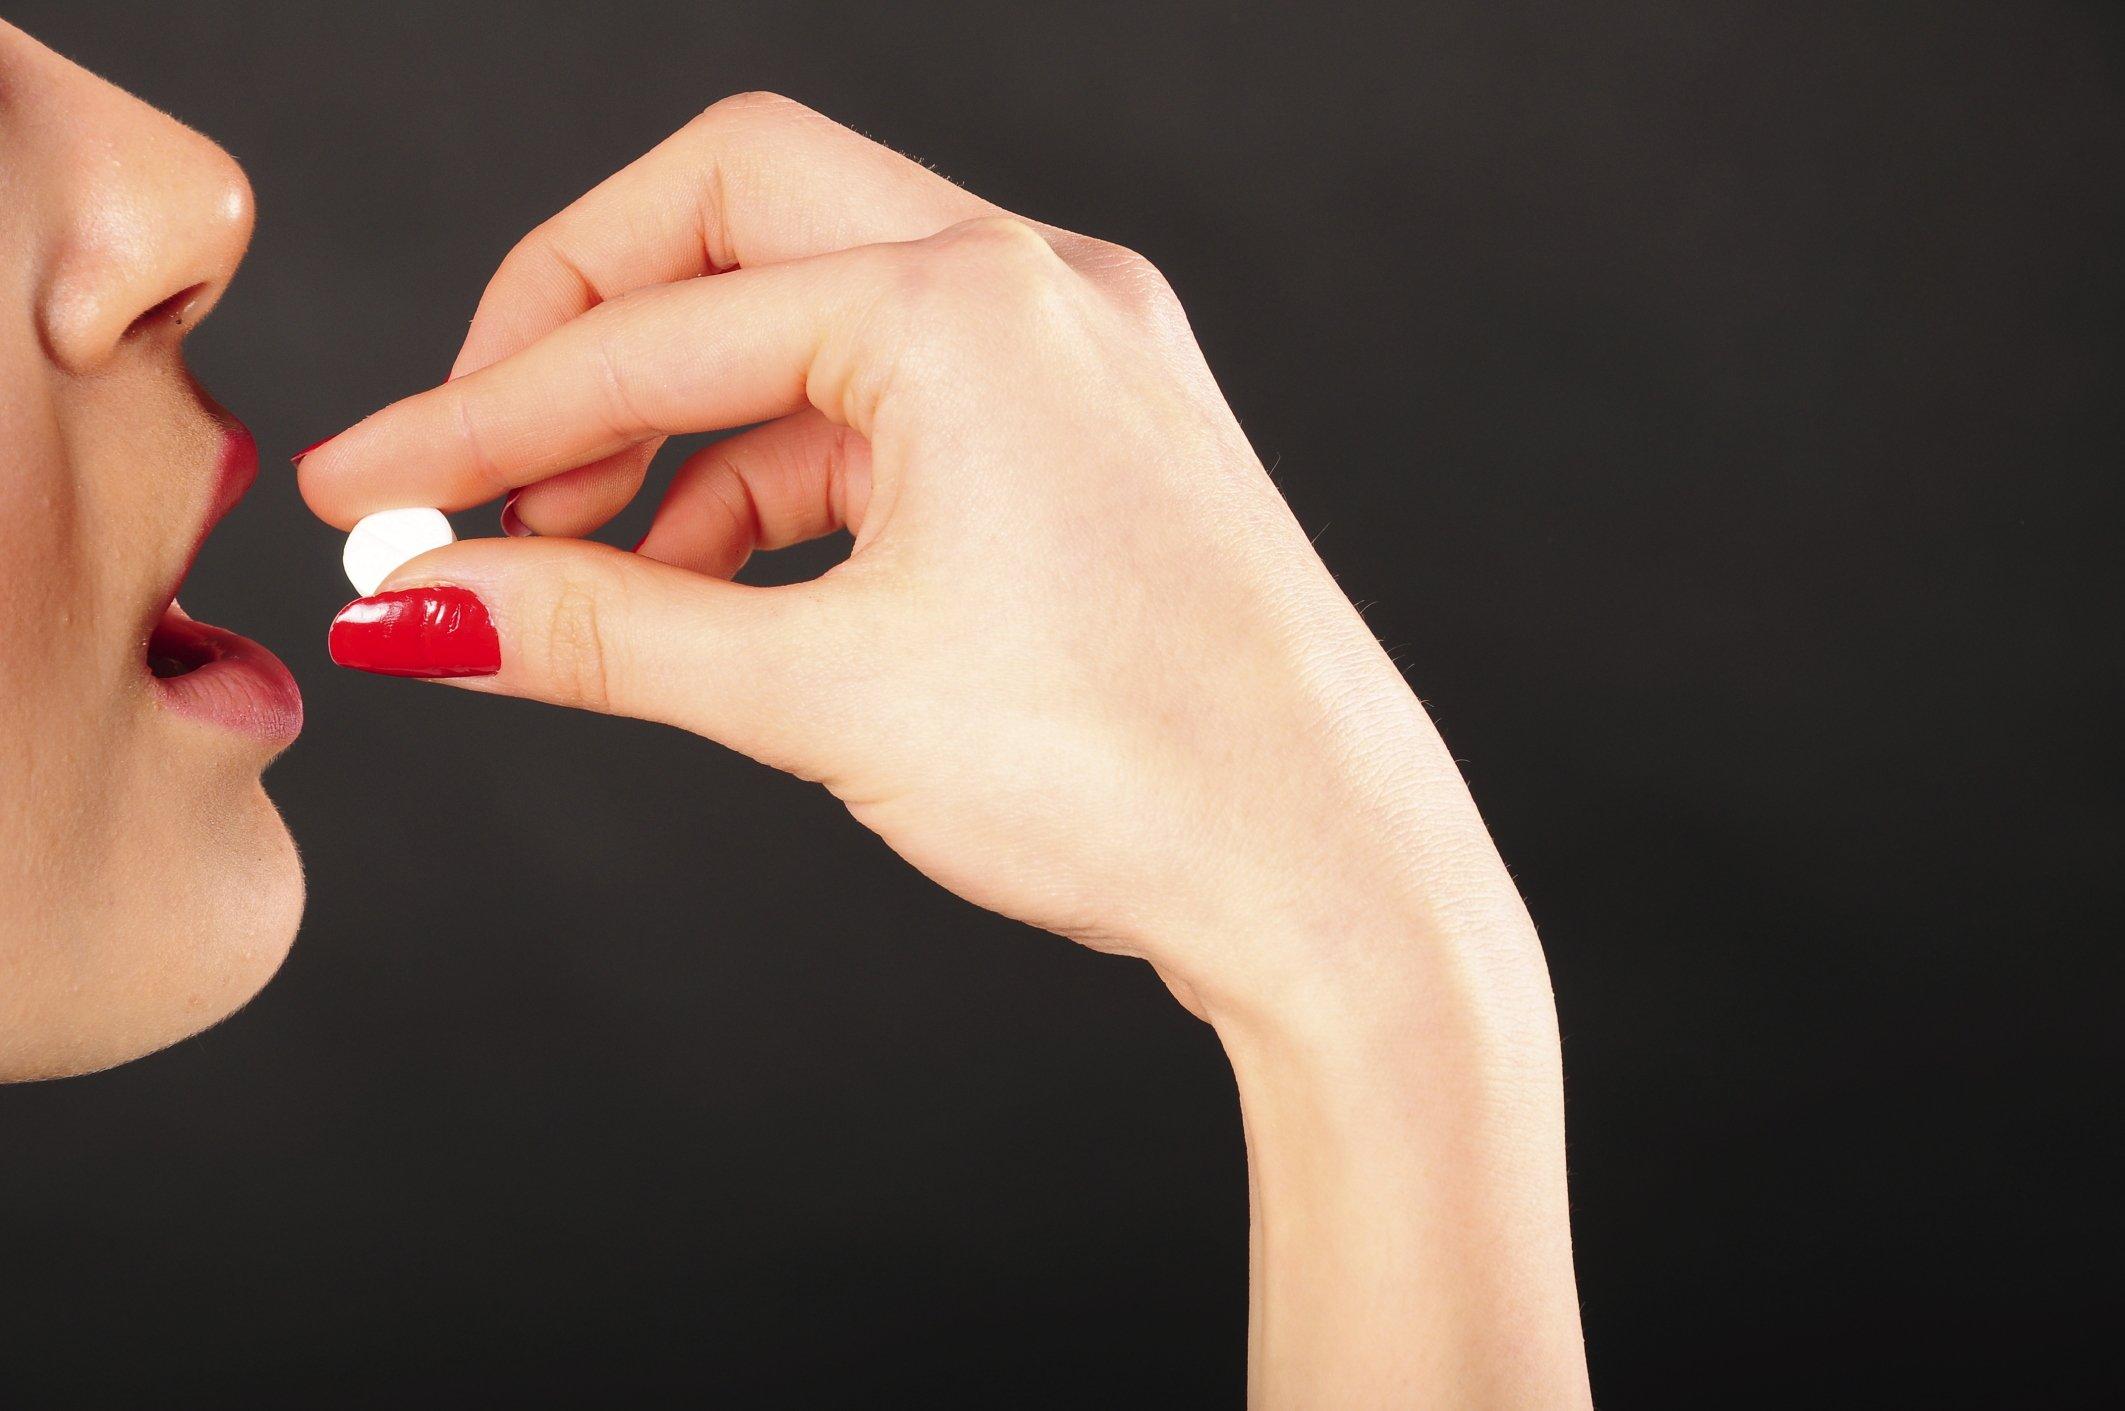 Инструкция по применению препарата Беназеприл